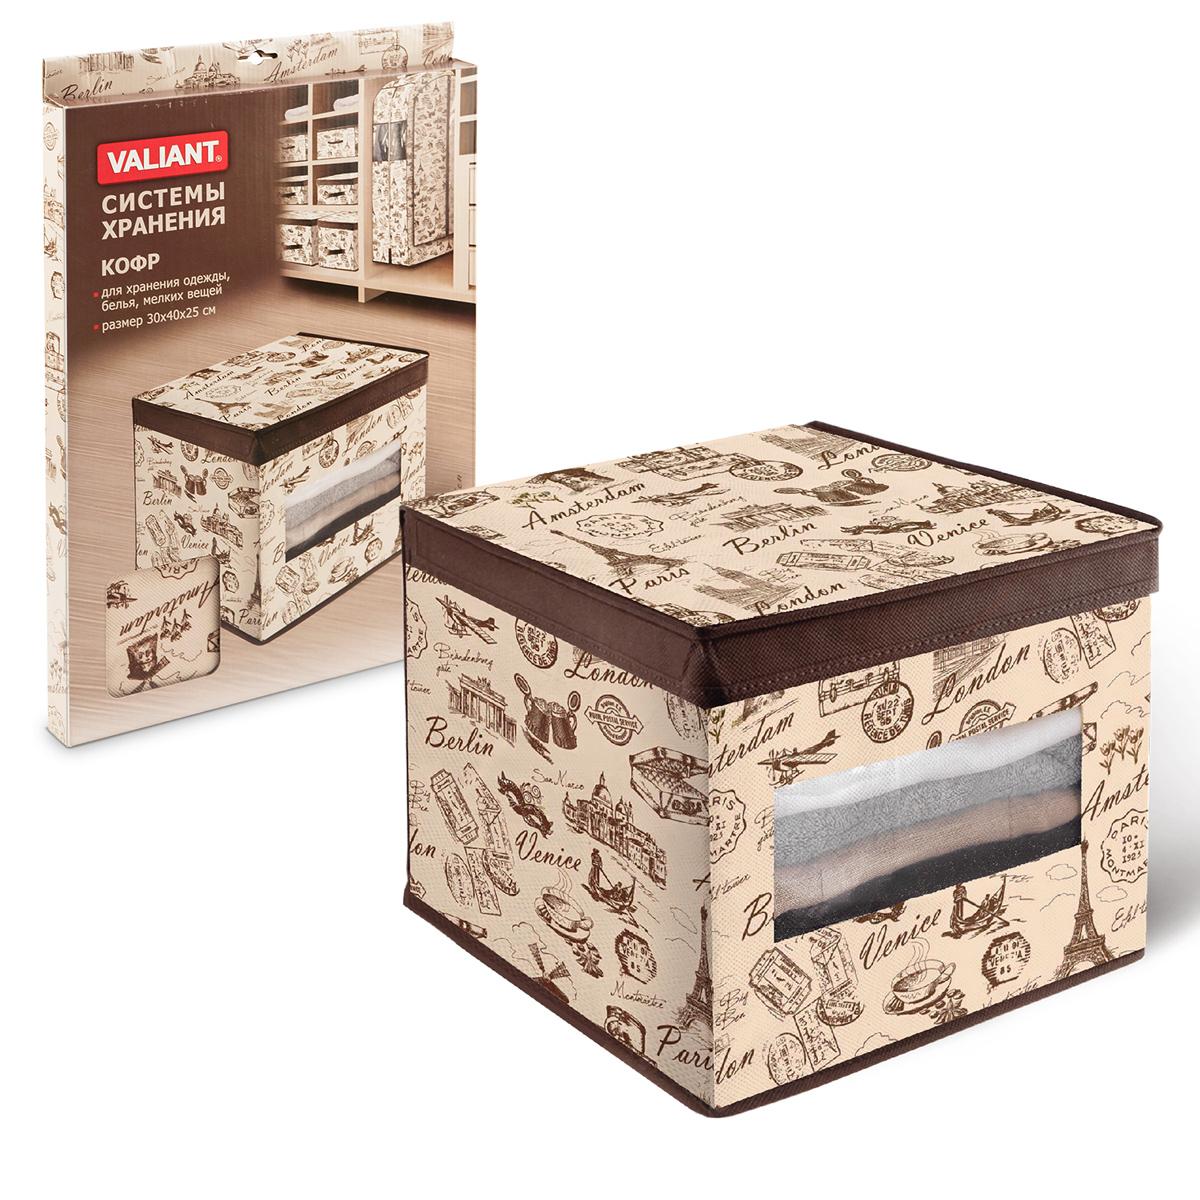 Кофр для хранения Valiant Travelling, с окошком, 30 см х 40 см х 25 смTD 0033Кофр для хранения Valiant Travelling изготовлен из высококачественного нетканого материала (спанбонда), который обеспечивает естественную вентиляцию, позволяя воздуху проникать внутрь, но не пропускает пыль. Вставки из плотного картона хорошо держат форму. Кофр снабжен специальной крышкой, а также прозрачным окошком из ПВХ. Изделие отличается мобильностью: легко раскладывается и складывается. В таком кофре удобно хранить одежду, белье и мелкие аксессуары. Оригинальный дизайн погружает в атмосферу путешествий по разным городам и странам.Системы хранения в едином дизайне сделают вашу гардеробную красивой и невероятно стильной.